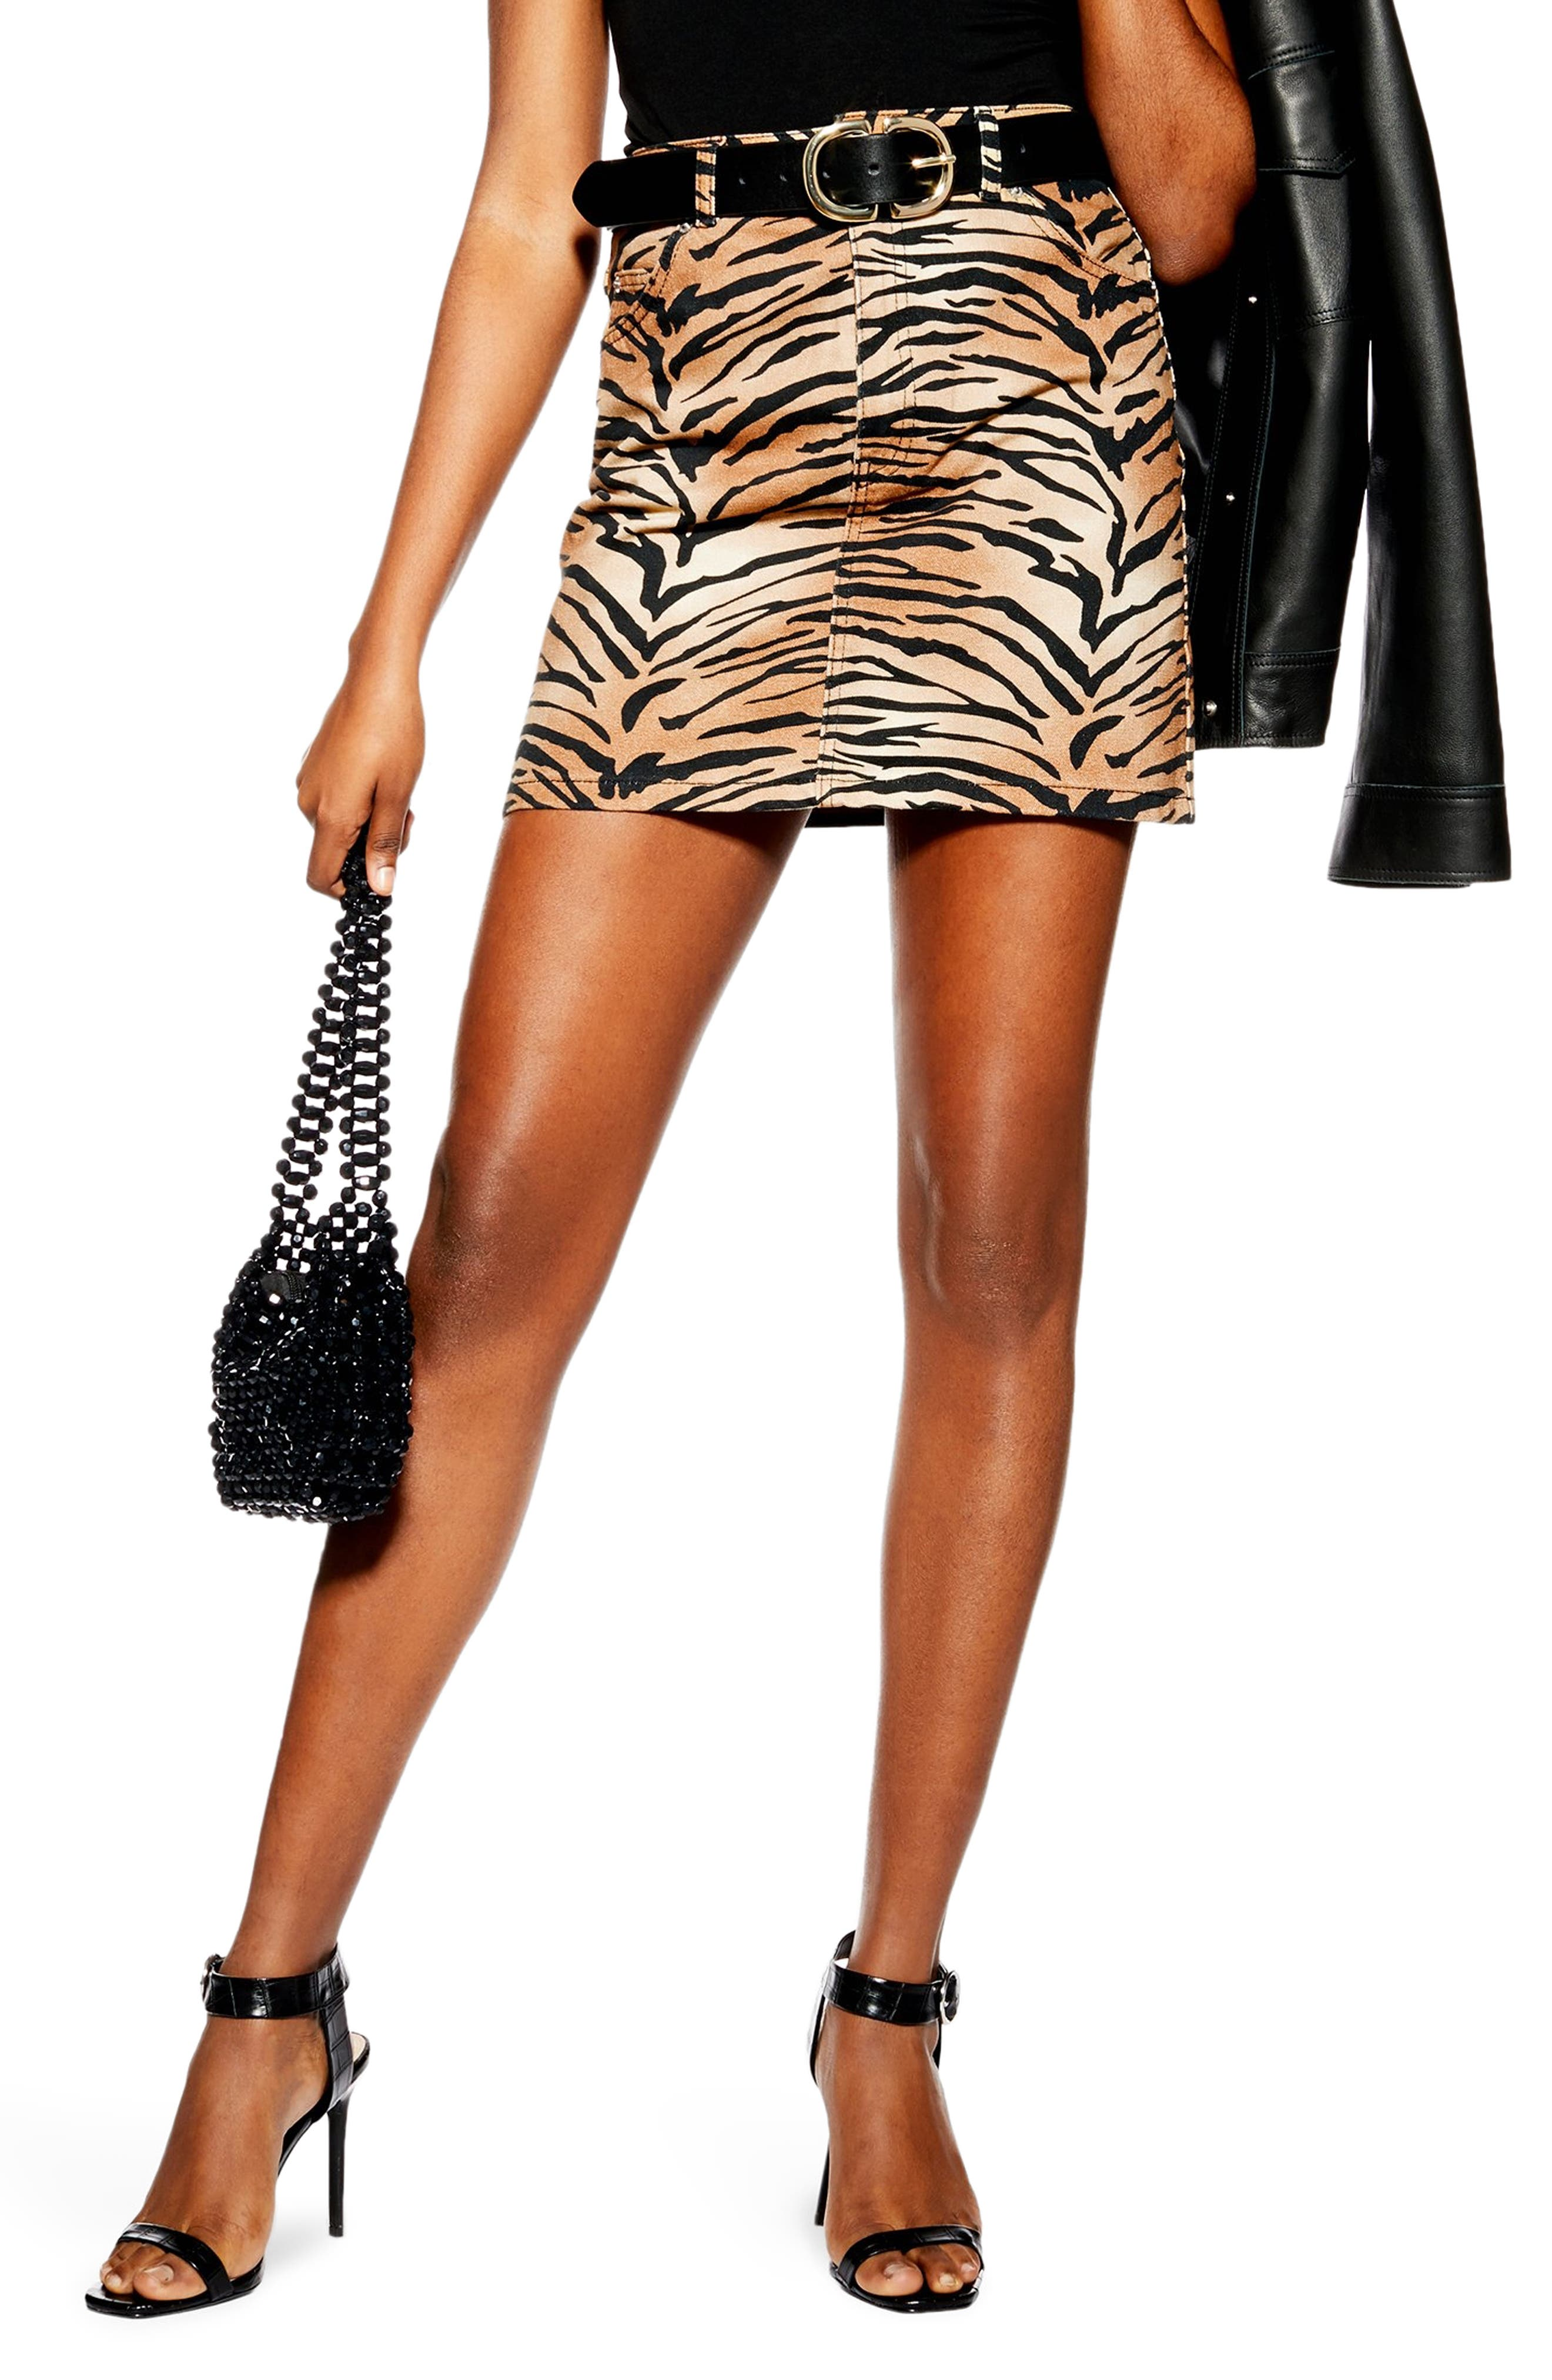 Topshop Tiger Print Denim Miniskirt, US (fits like 2-4) - Brown